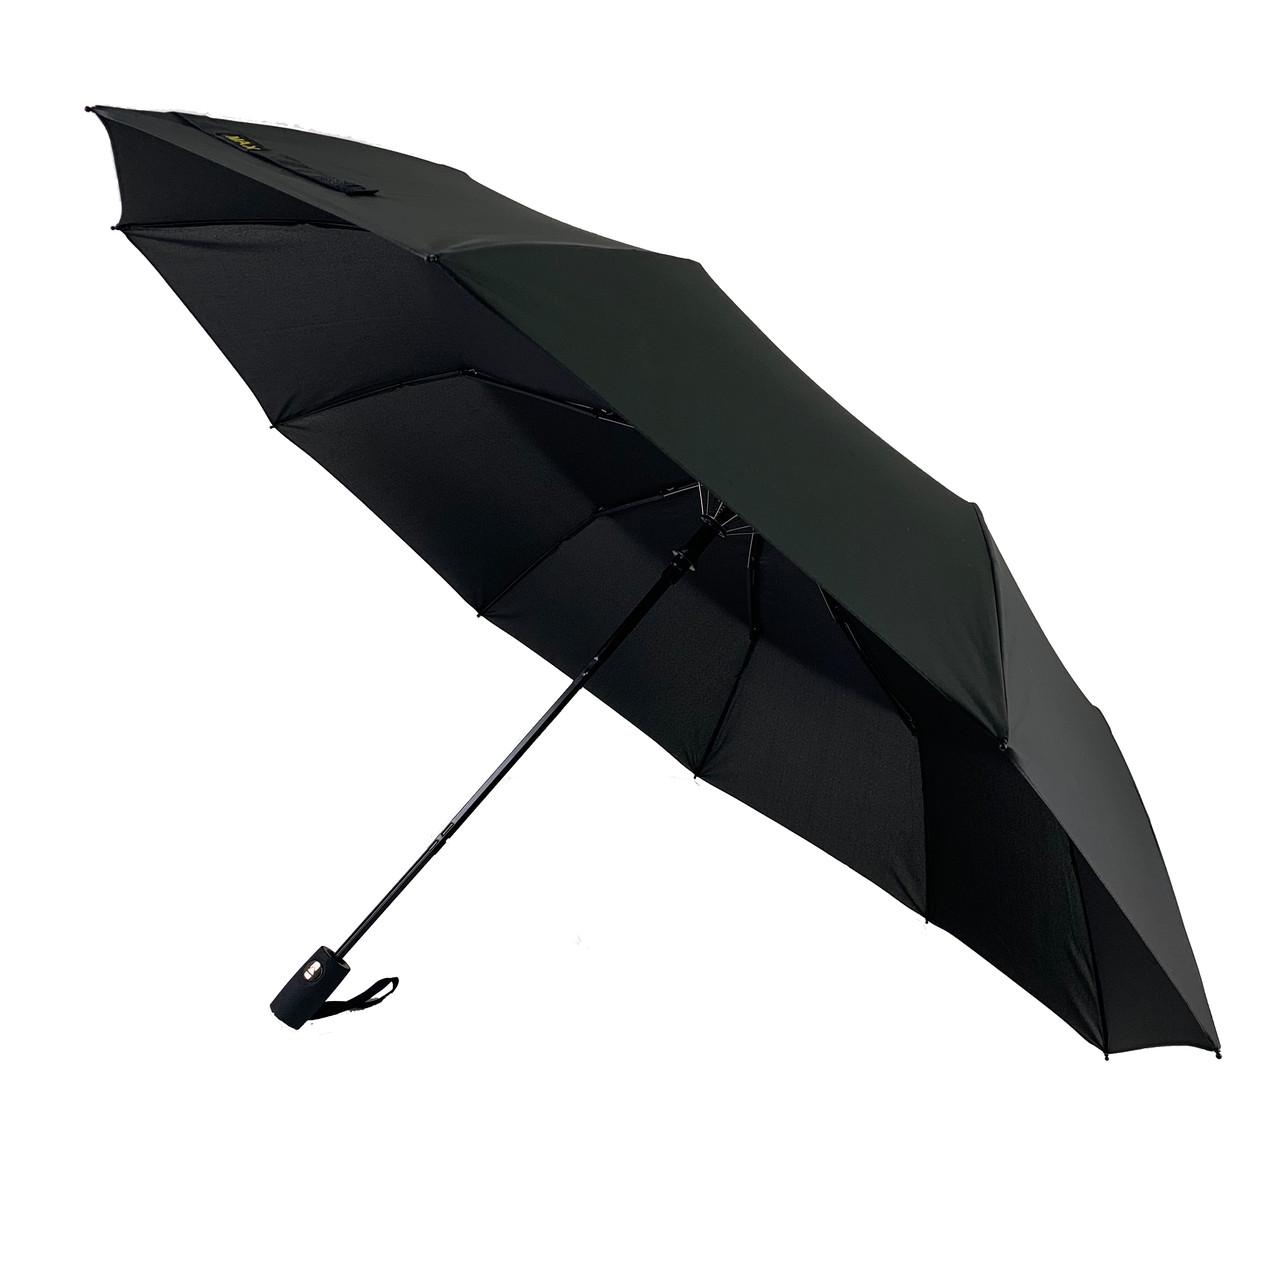 Мужской зонт-полуавтомат NOVEL, черный, 3251-1